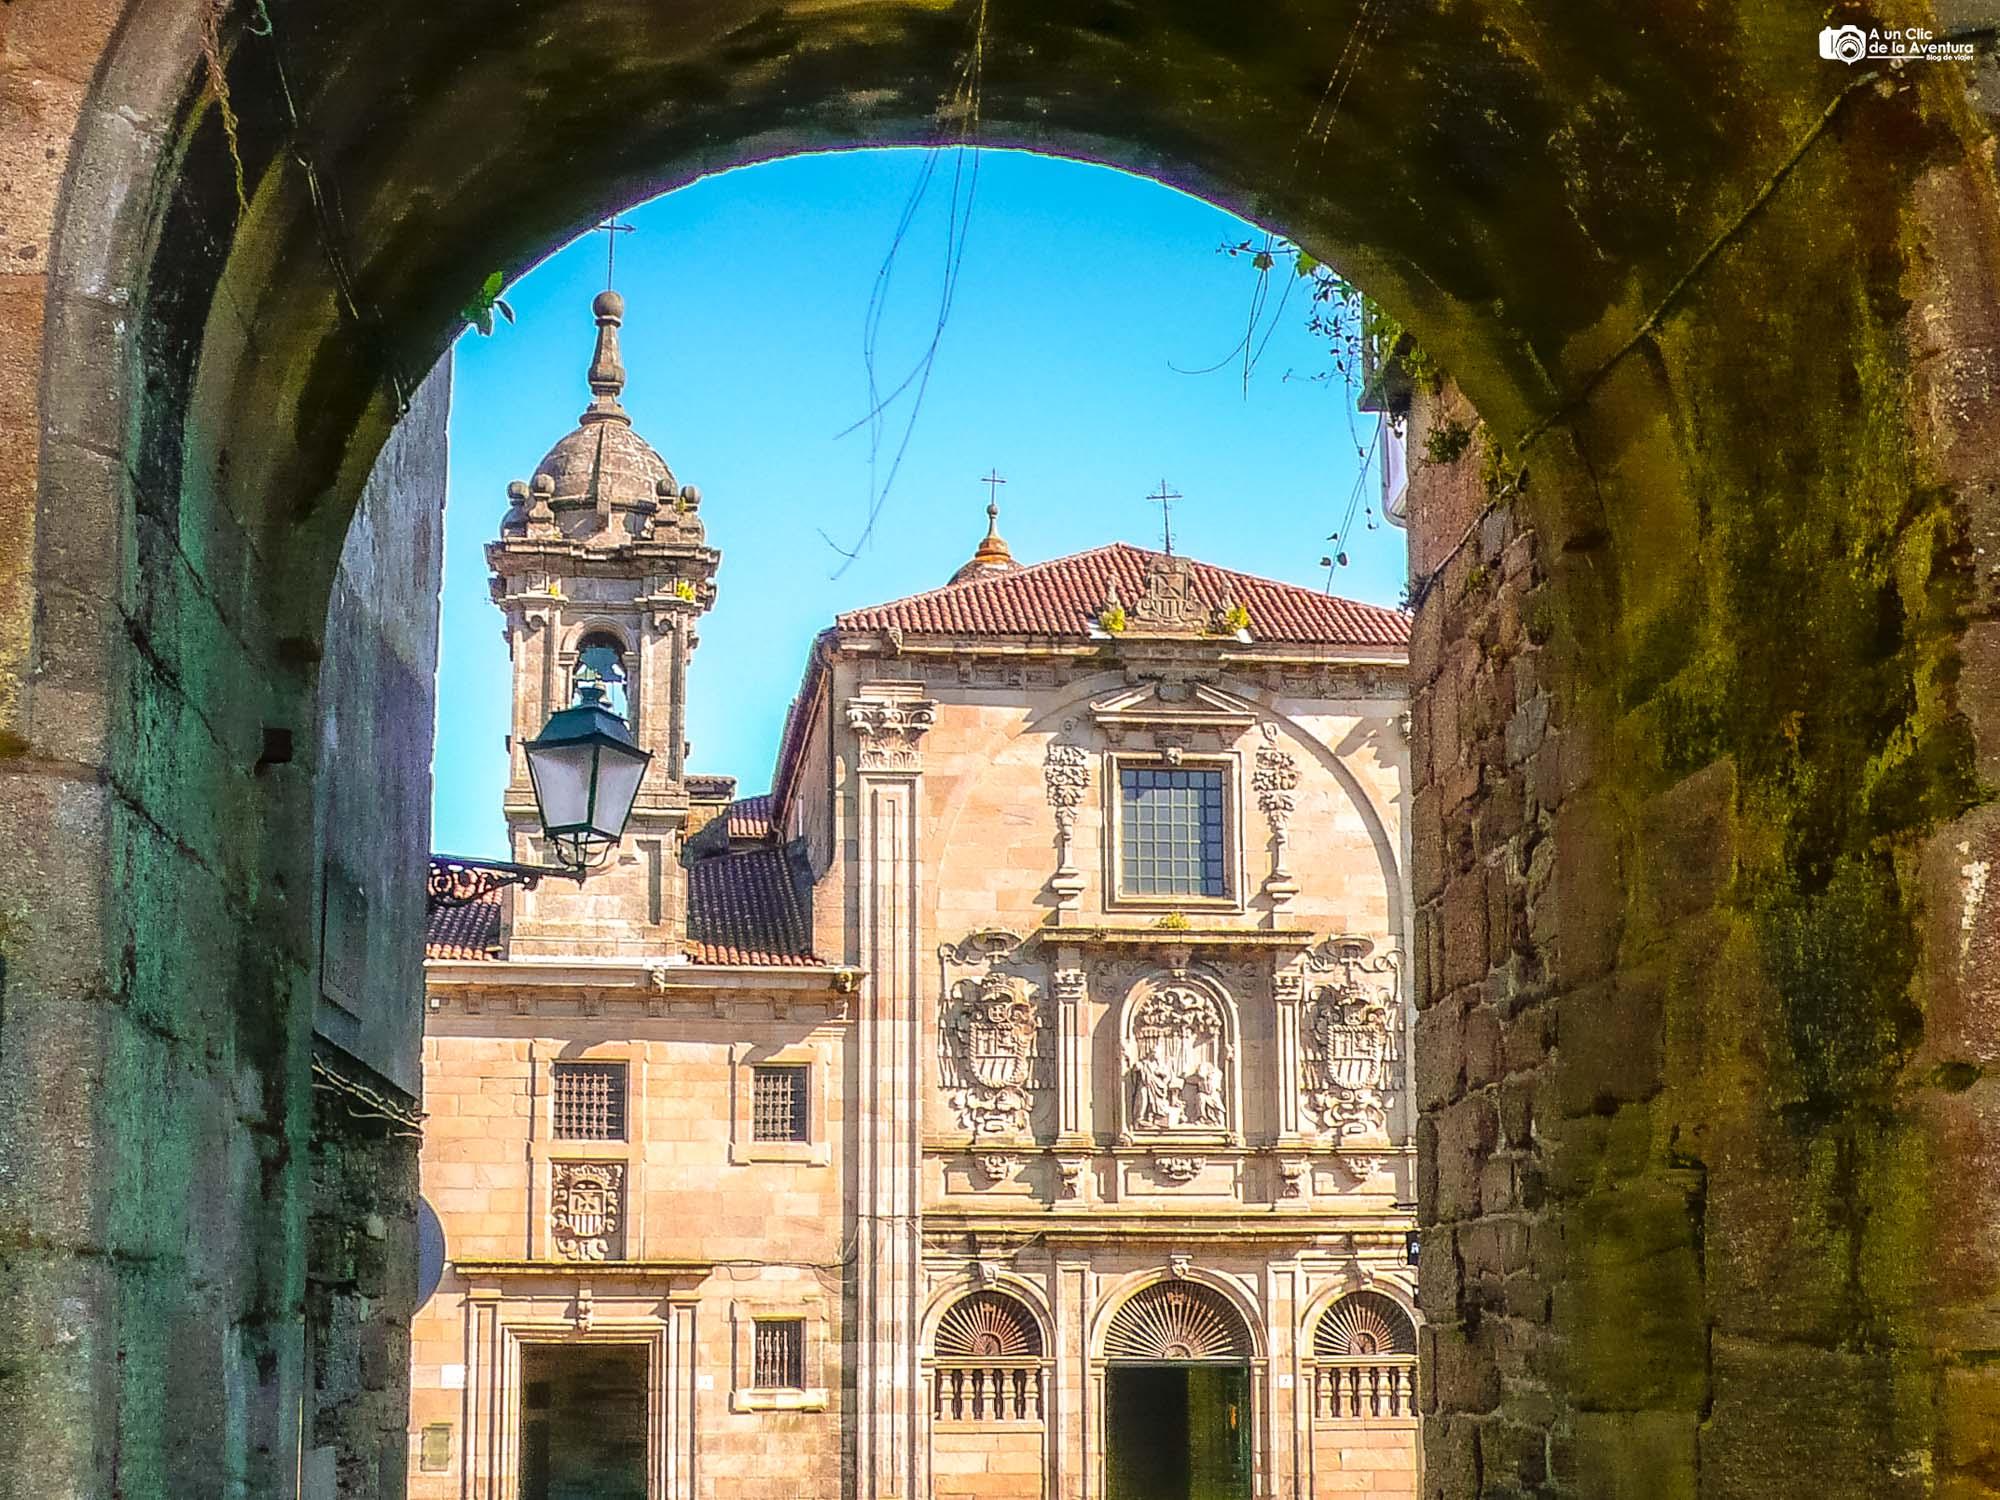 Arco de Mazarelos y Convento de Nuestra Señora de la Merced, Santiago de Compostela